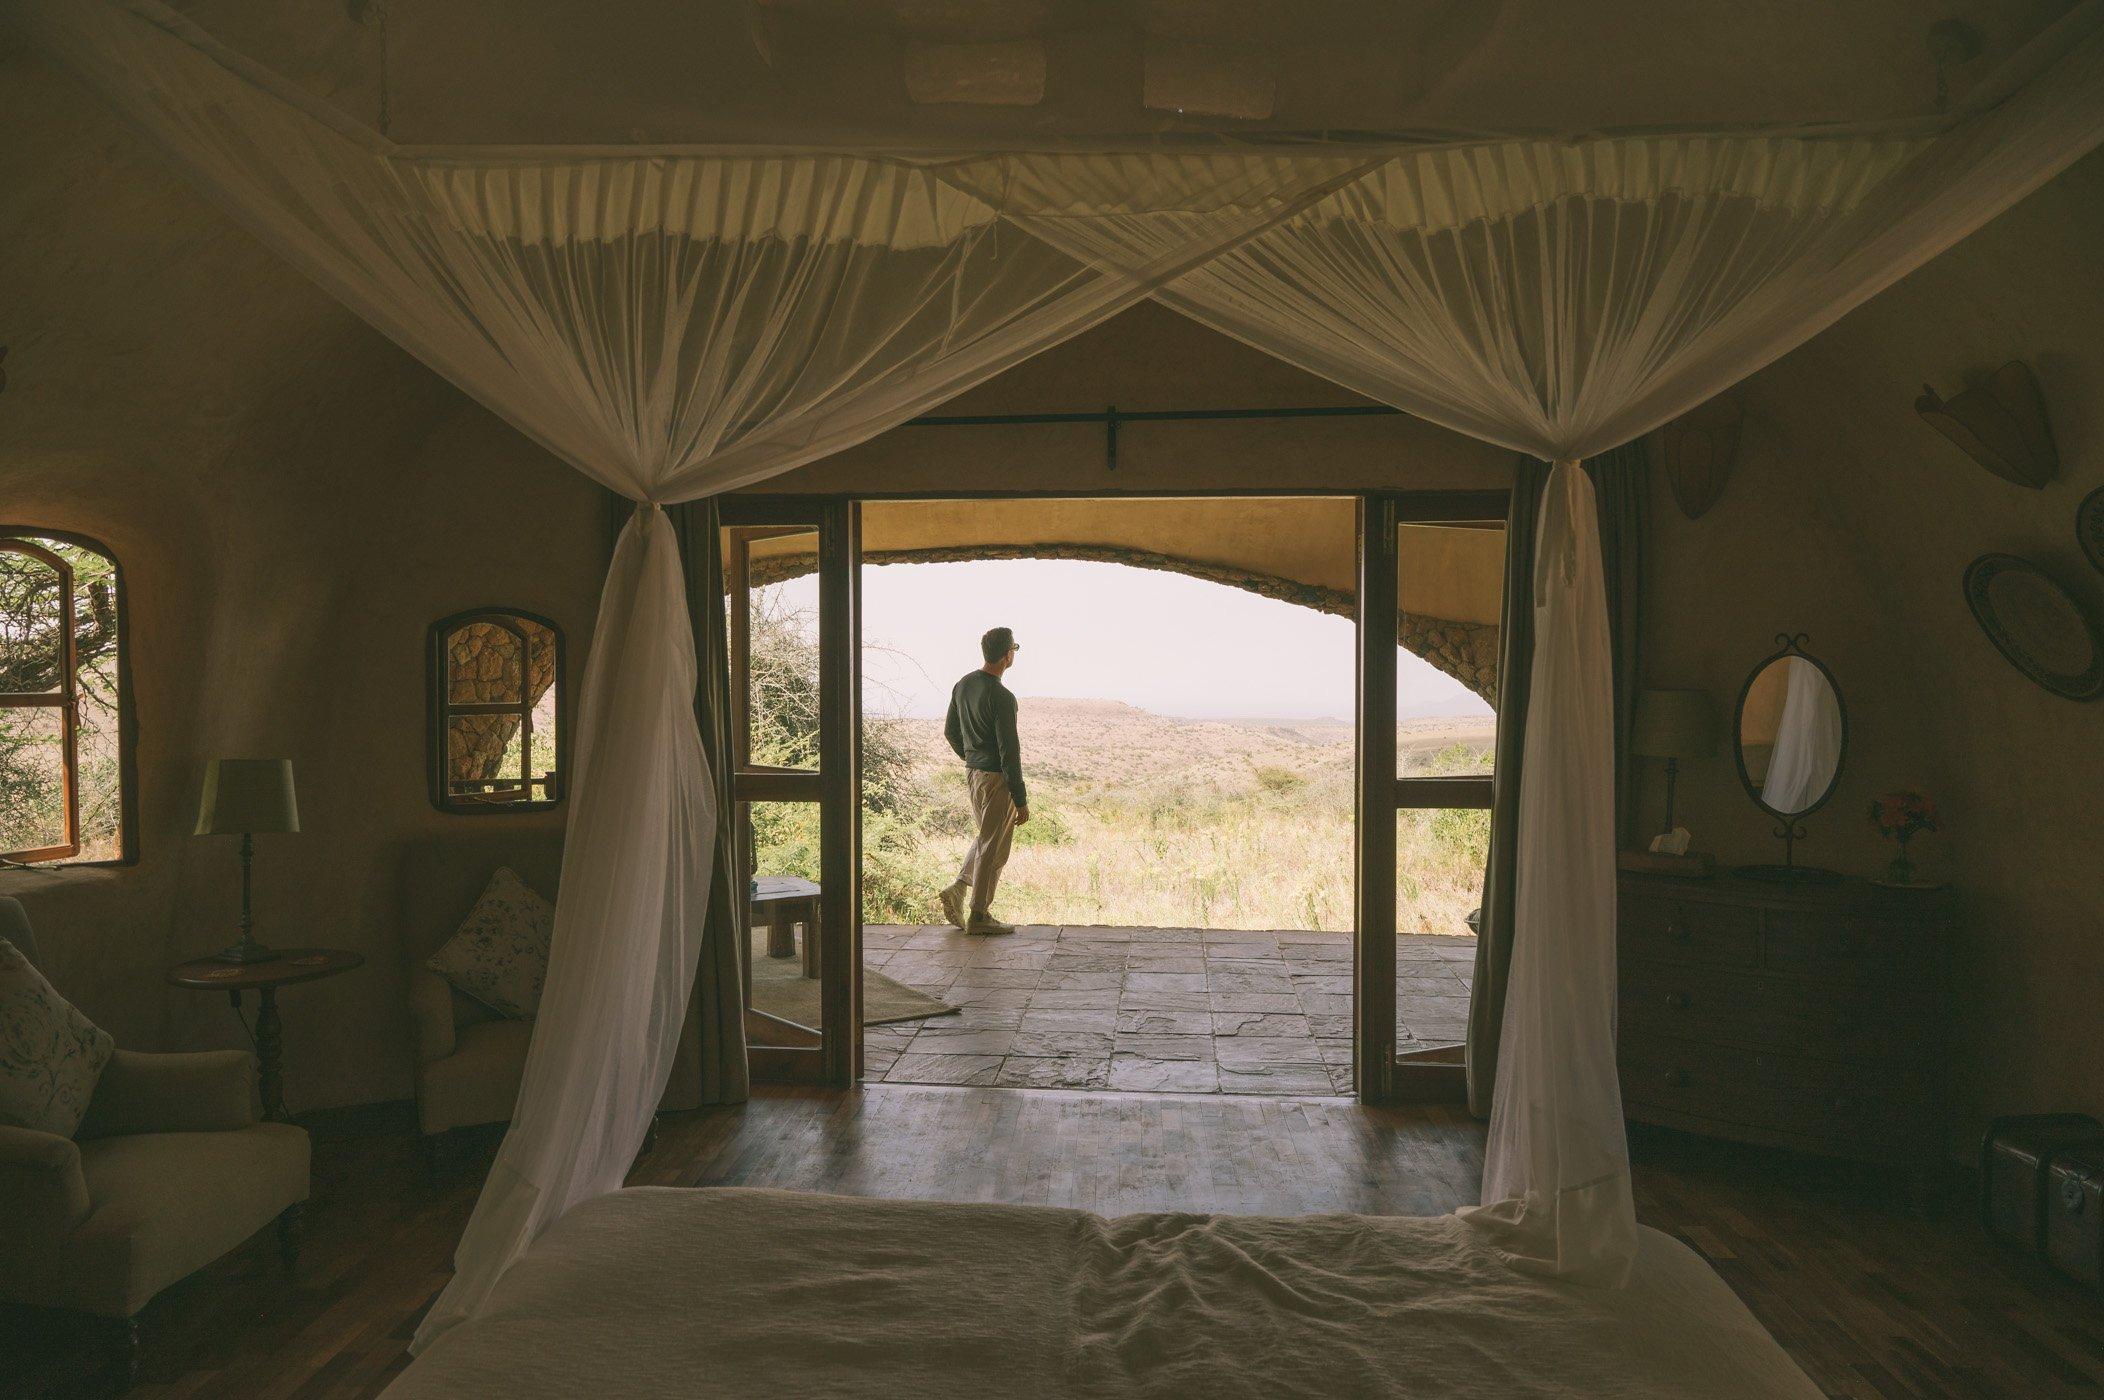 Terrace views at Lewa House at Lewa Wildlife Conservancy Kenya